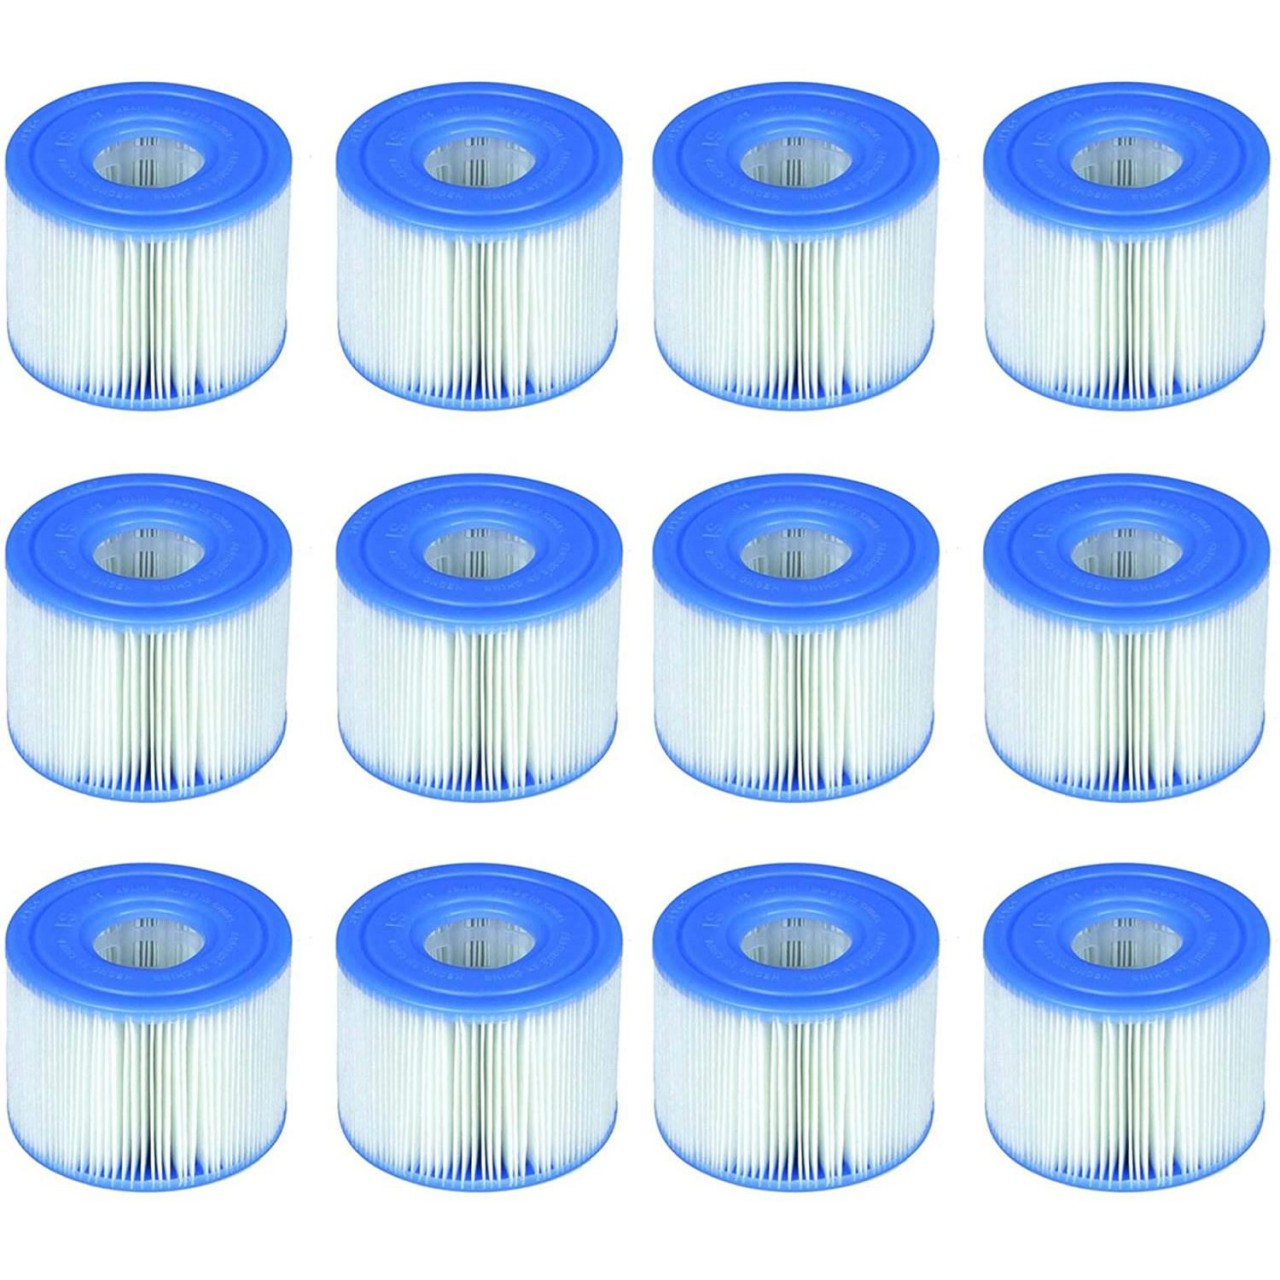 Intex 29001 Filterkartusche 12er Set für PureSpa Whirlpools S1 Ø 4,3 cm (innen)